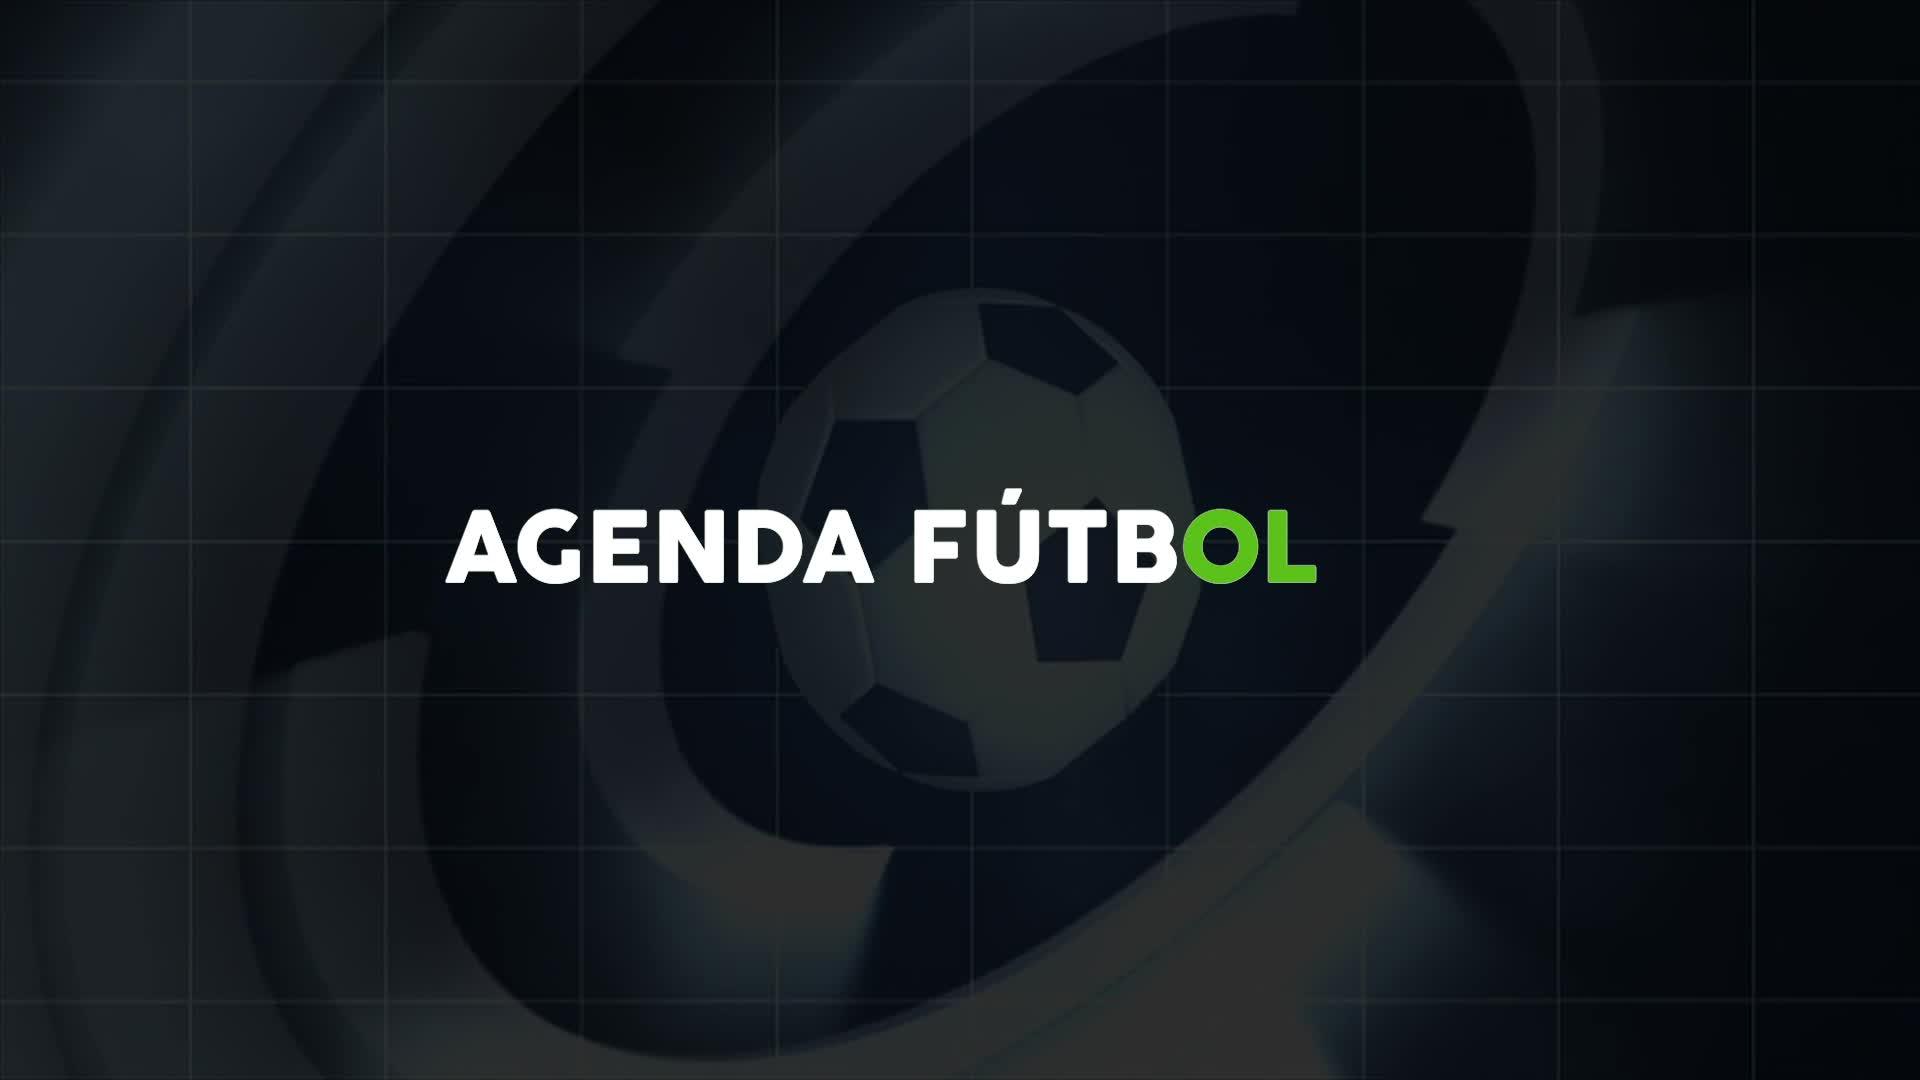 Conoce la agenda del fútbol para hoy Lunes 27